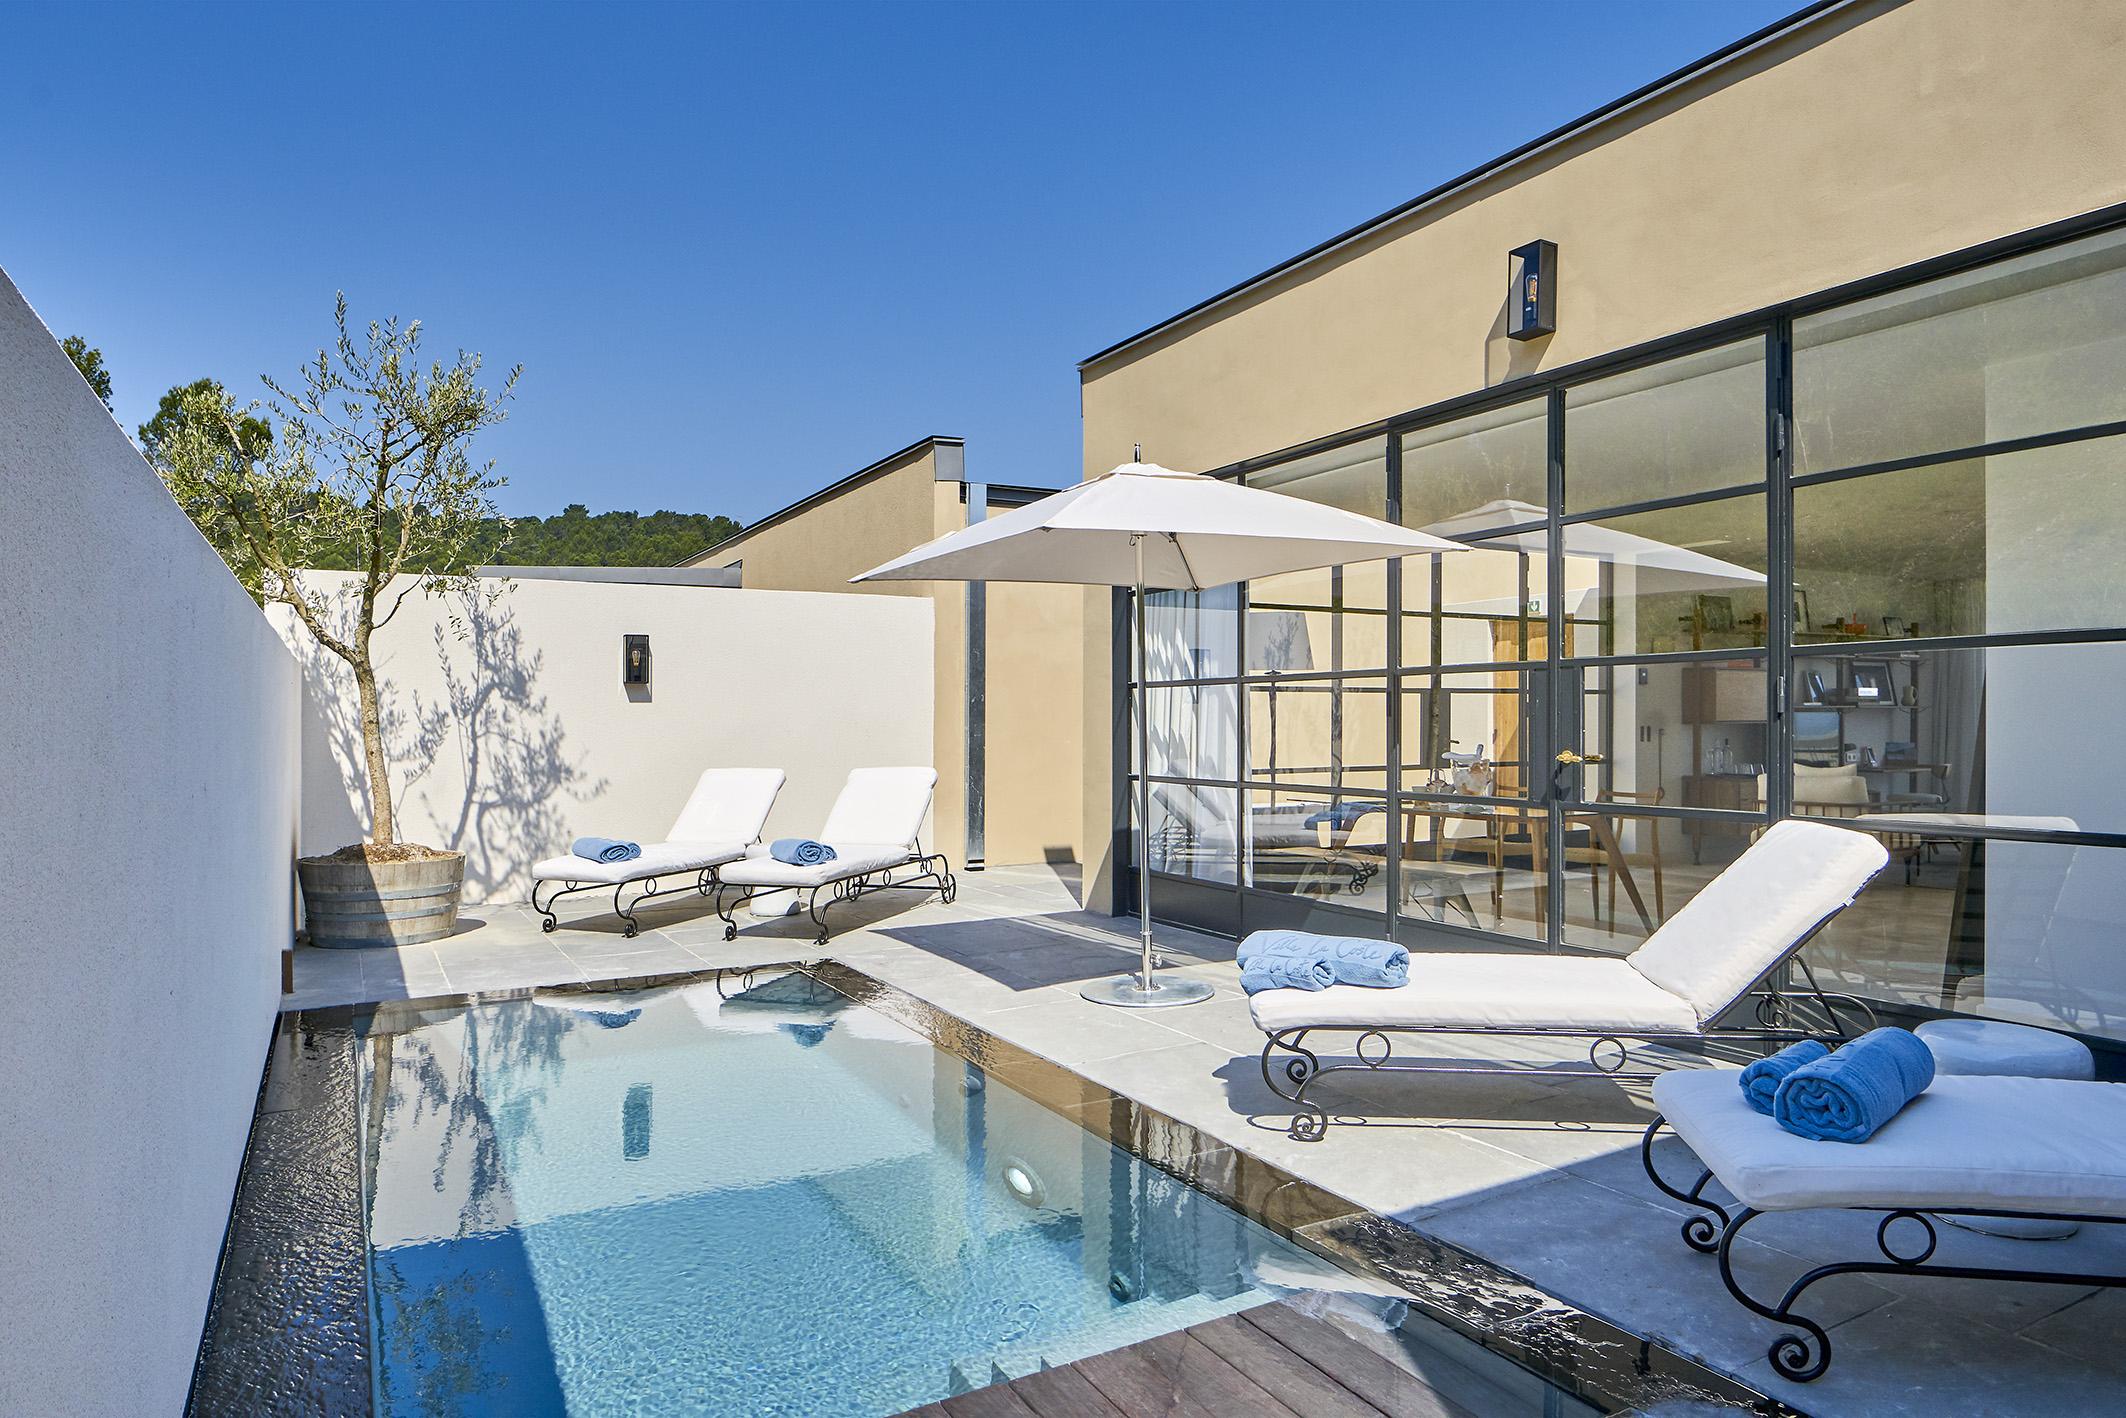 Suite De Luxe En Provence Avec Piscine Privée | Hotêl Villa ... à Hotel Avec Piscine Privée France